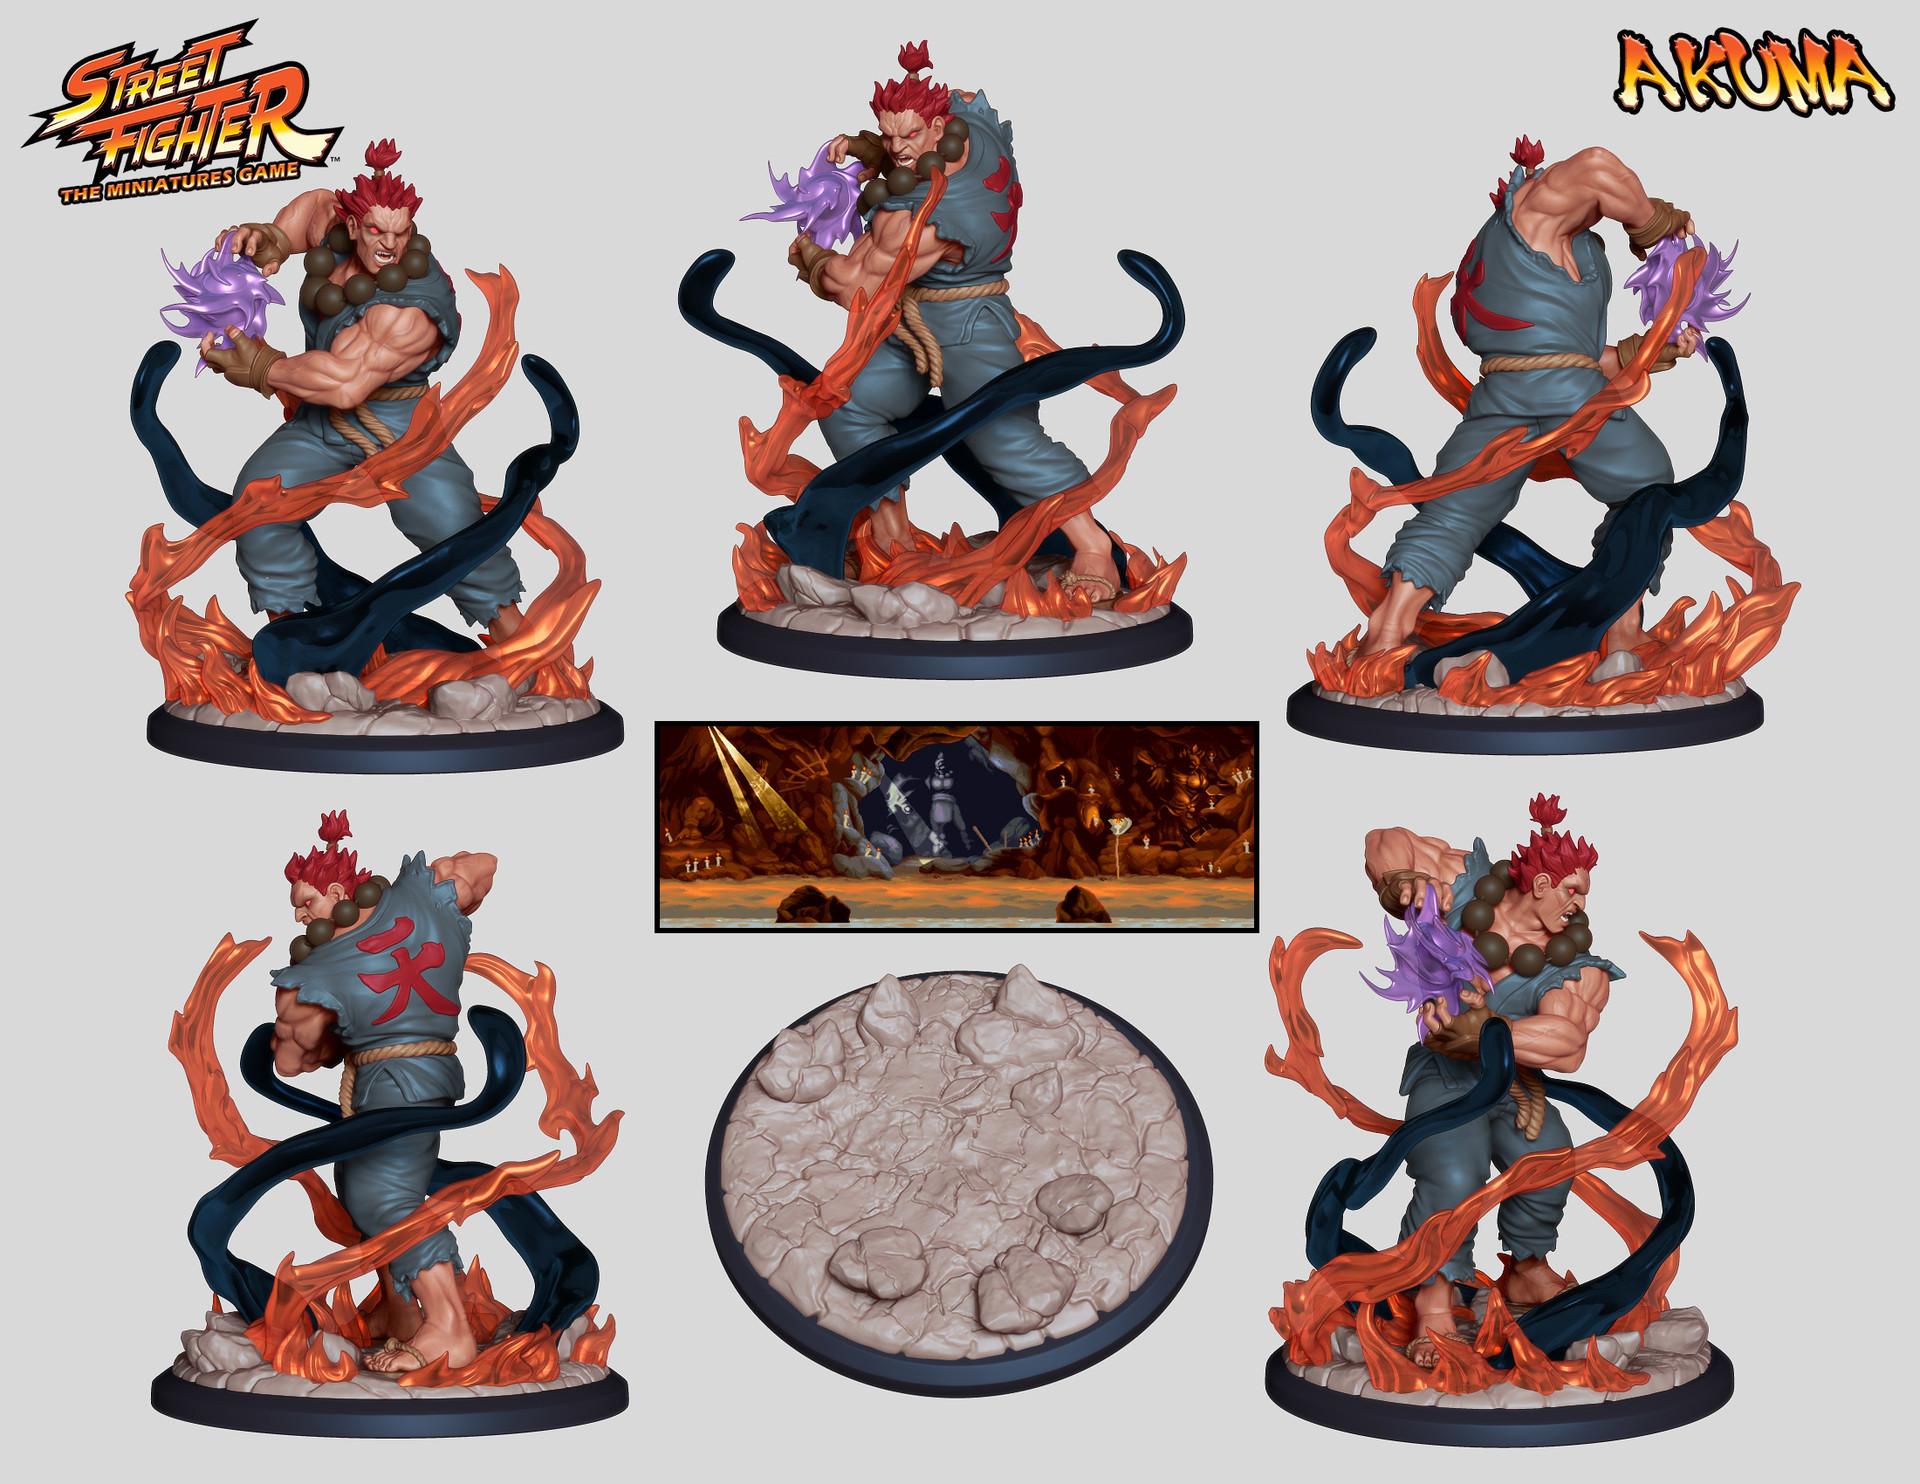 Artstation Hector Moran Hec Street Fighter The